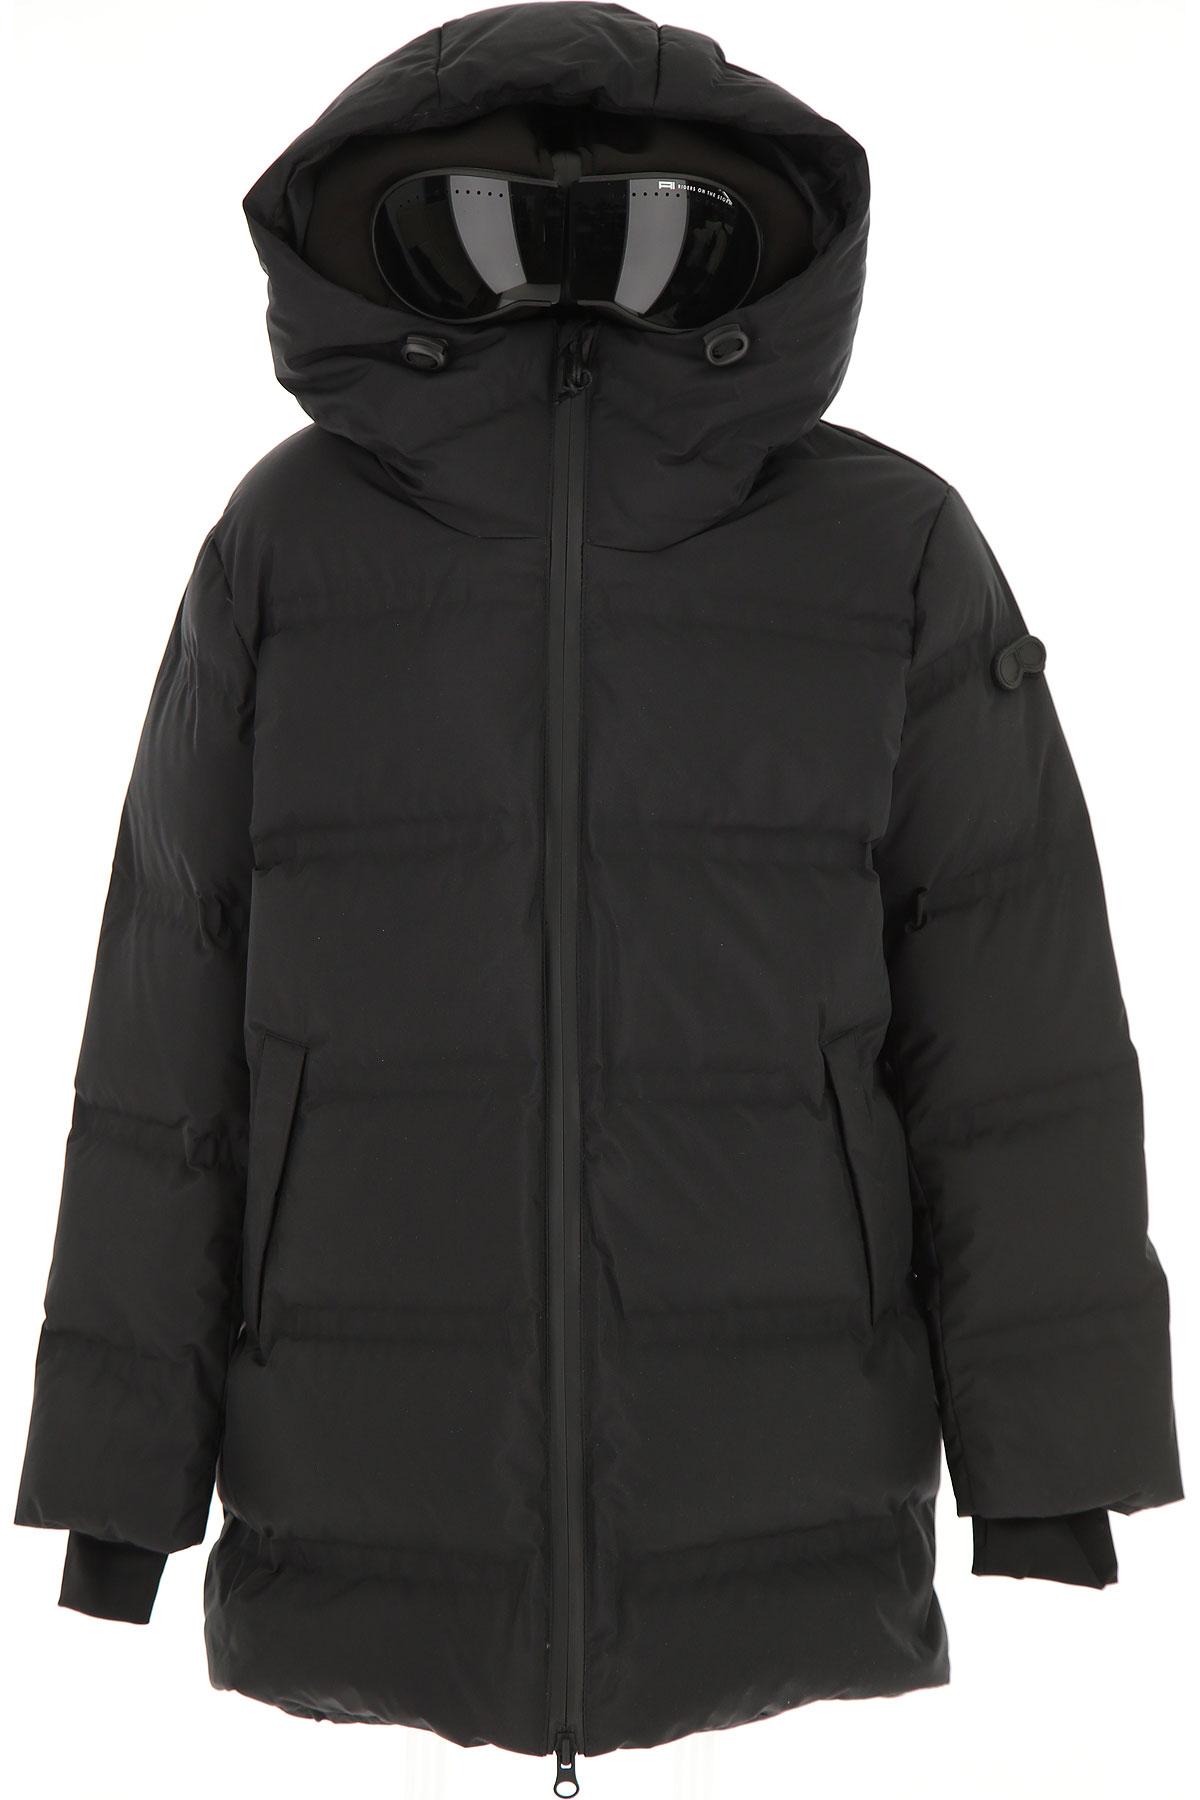 Ai Riders On The Storm Boys Down Jacket for Kids, Puffer Ski Jacket On Sale, Black, polyester, 2019, 10Y 12Y 14Y 16Y 4Y 6Y 8Y